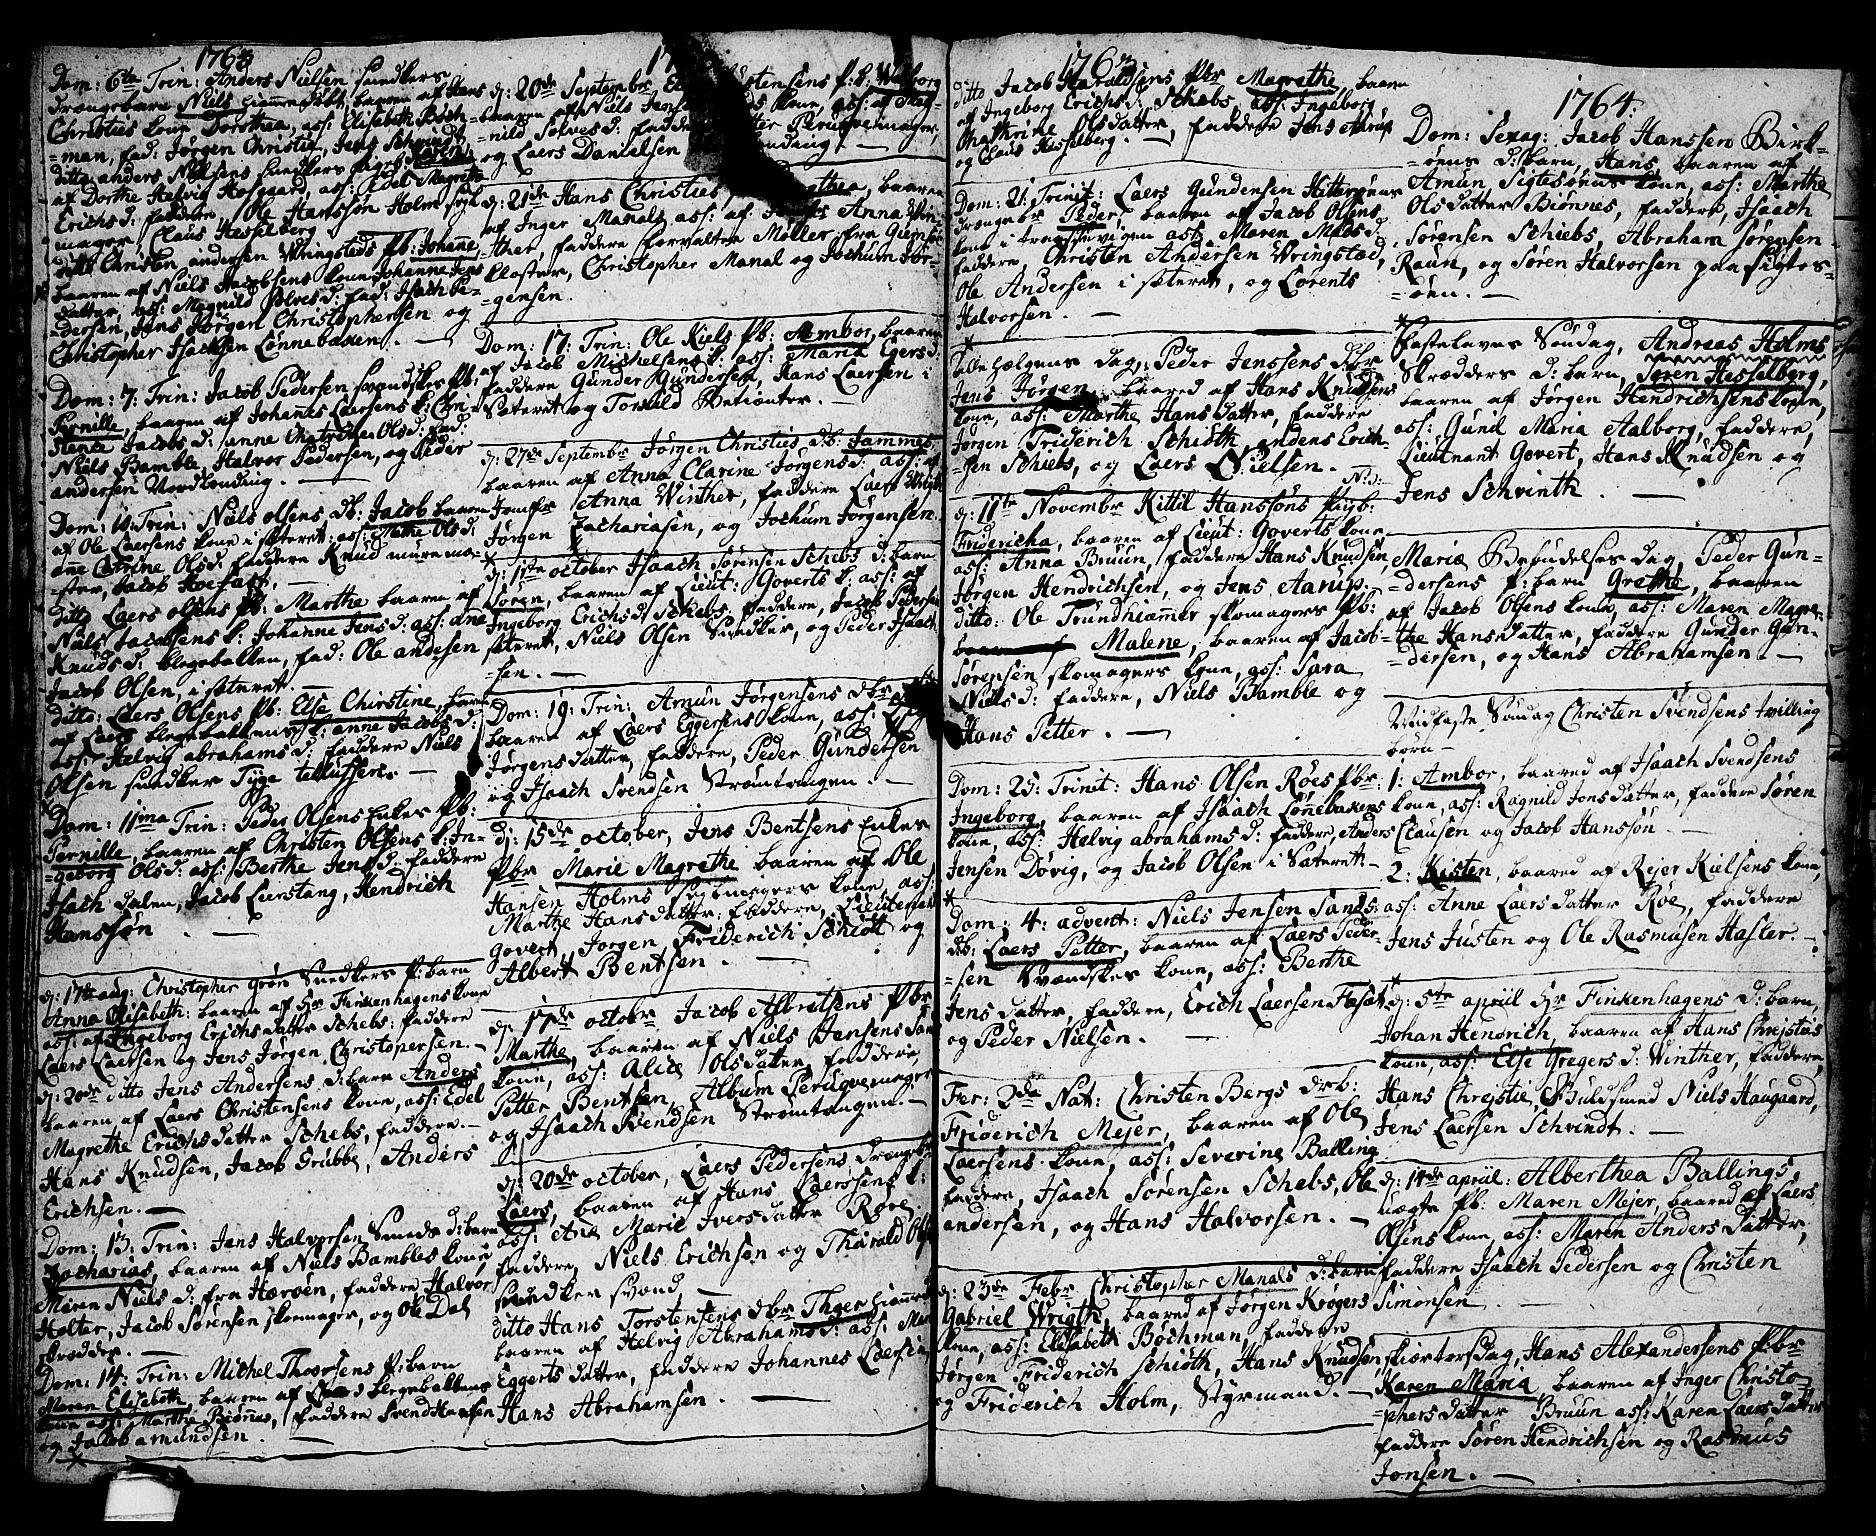 SAKO, Brevik kirkebøker, F/Fa/L0002: Ministerialbok nr. 2, 1720-1764, s. 35j